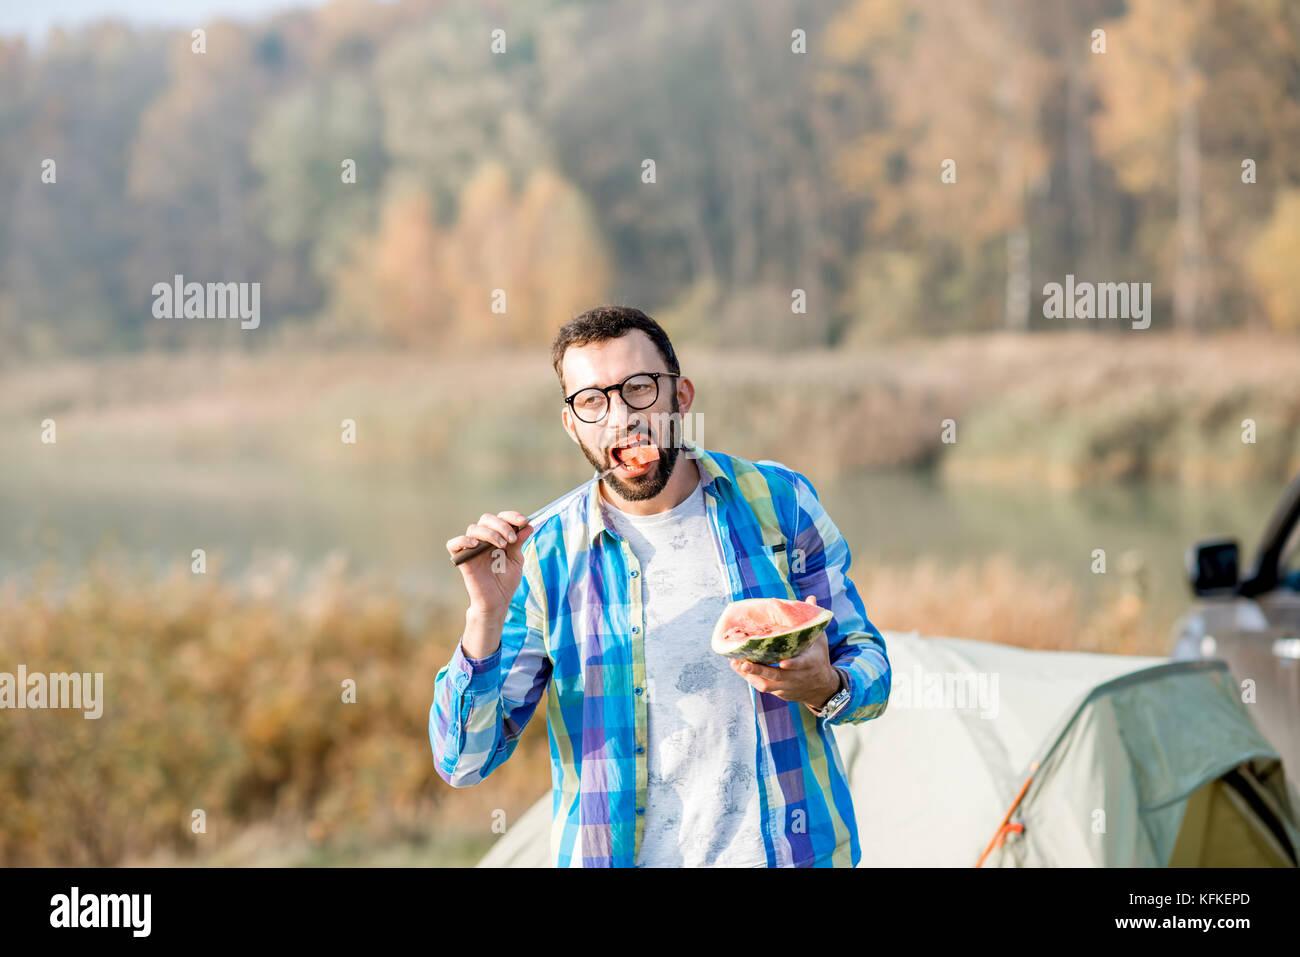 Man at the camping - Stock Image